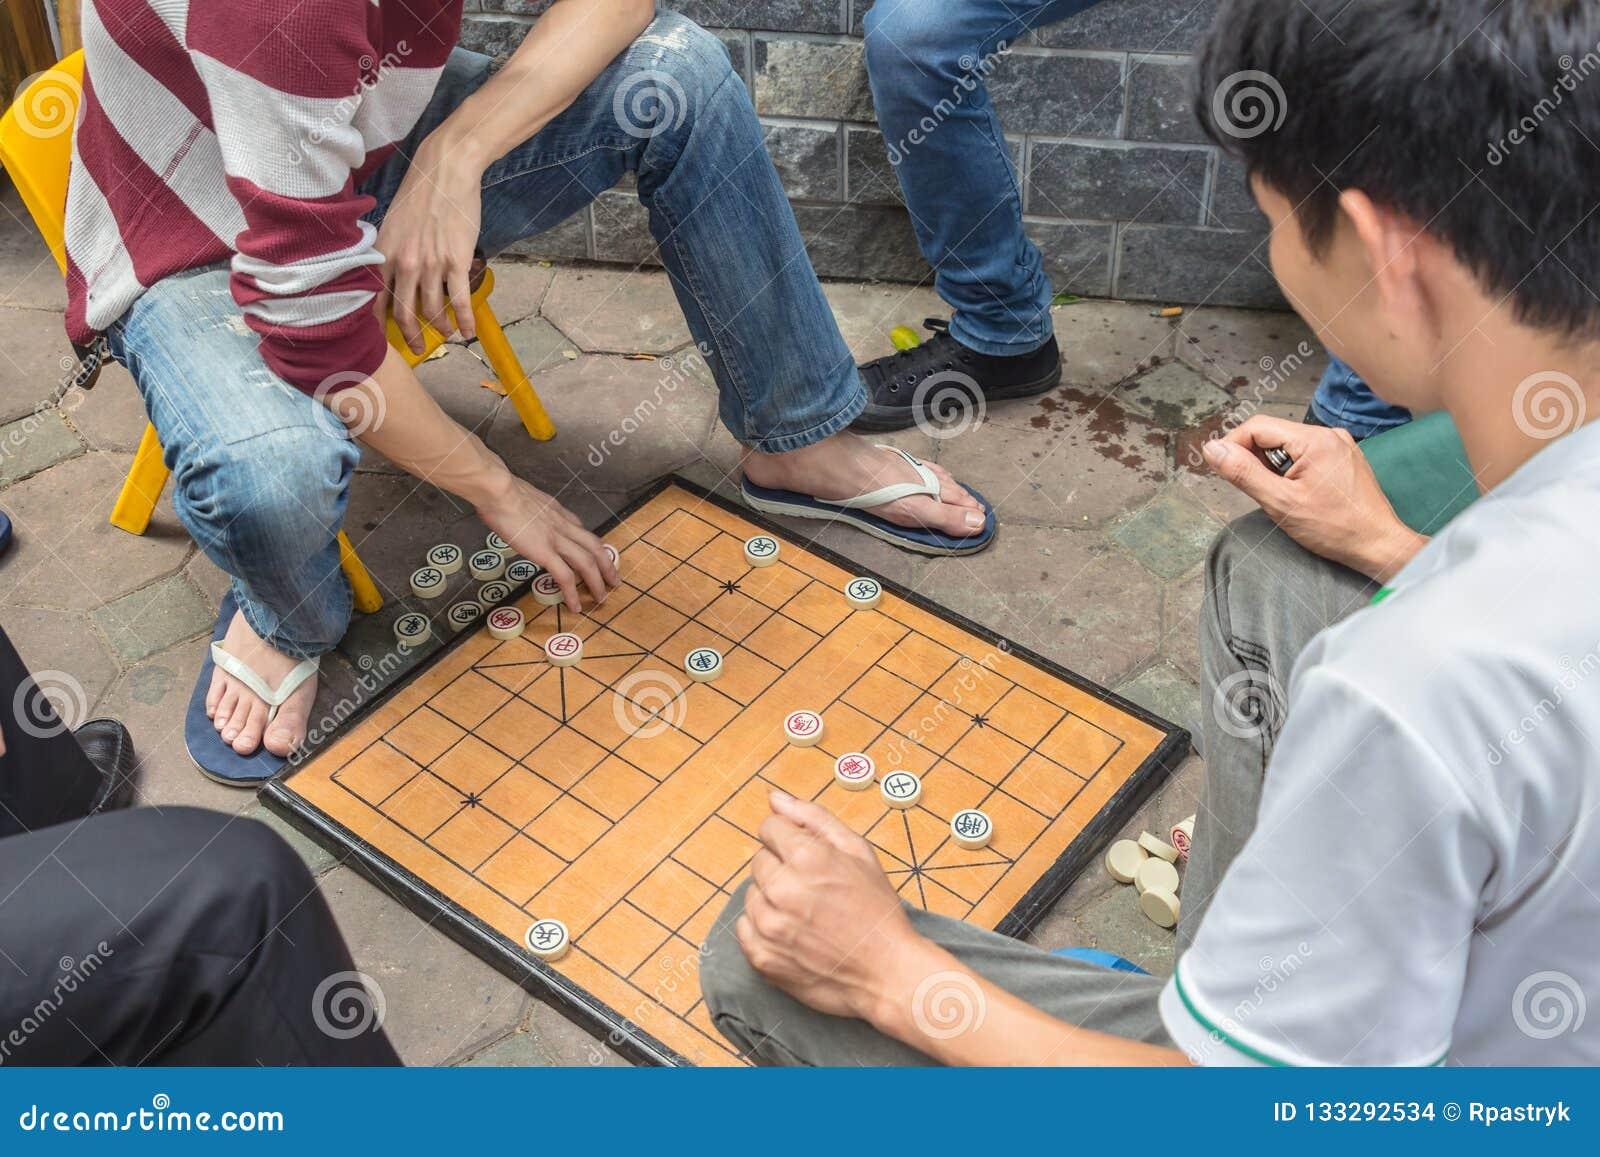 O homem irreconhecível joga o jogo de mesa tradicional conhecido como a xadrez chinesa